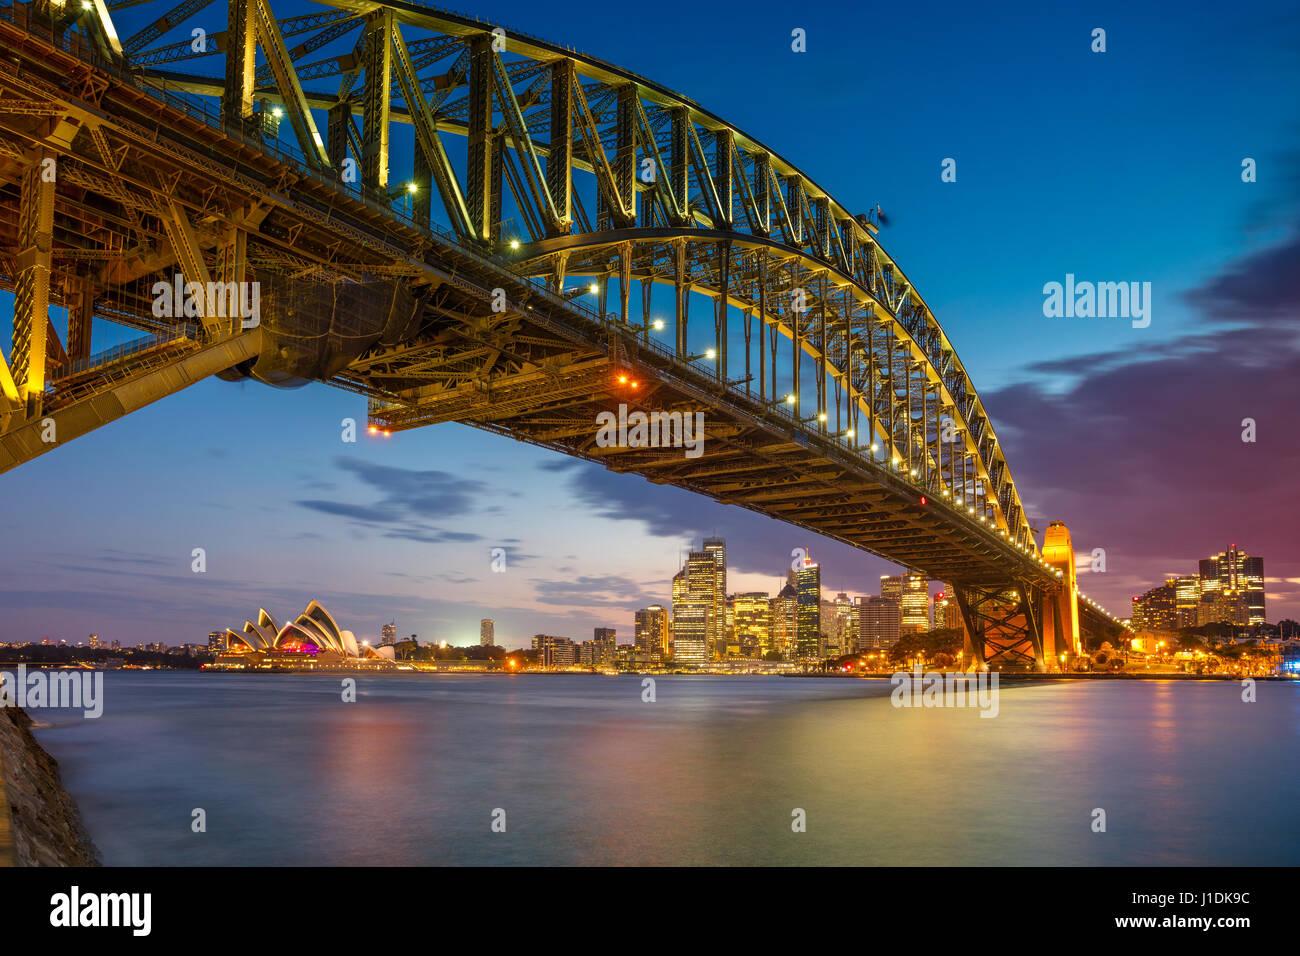 Sydney. Cityscape immagine di Sydney, Australia con Harbour Bridge al tramonto. Immagini Stock